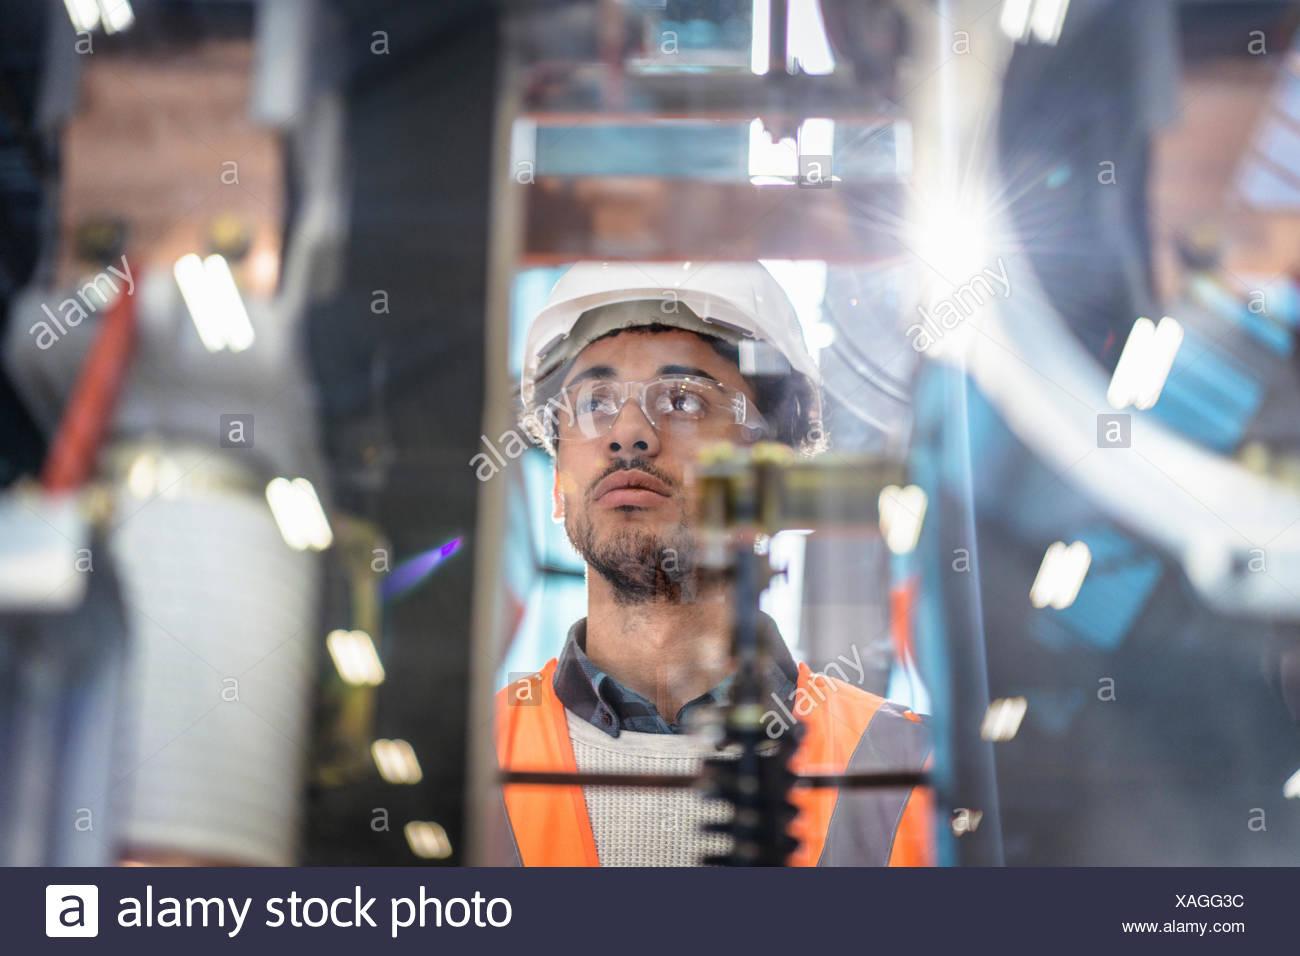 Ritratto di apprendista nella bottega di railway engineering facility Immagini Stock